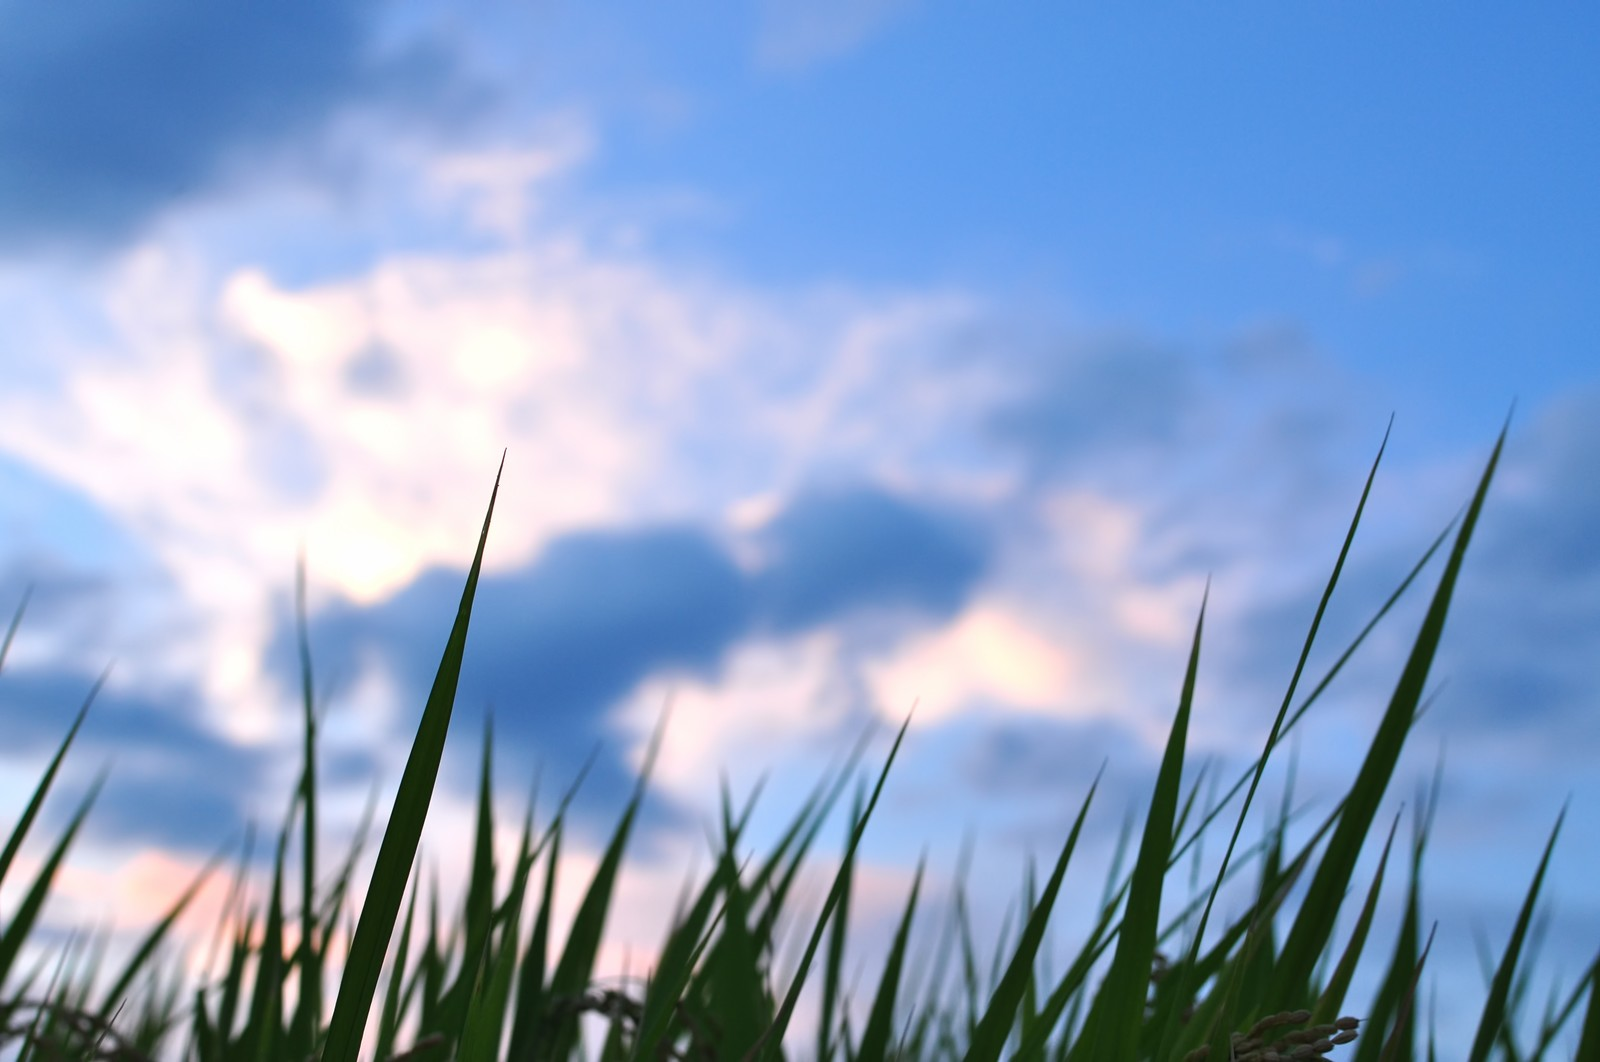 「夕暮れ時の稲穂」の写真